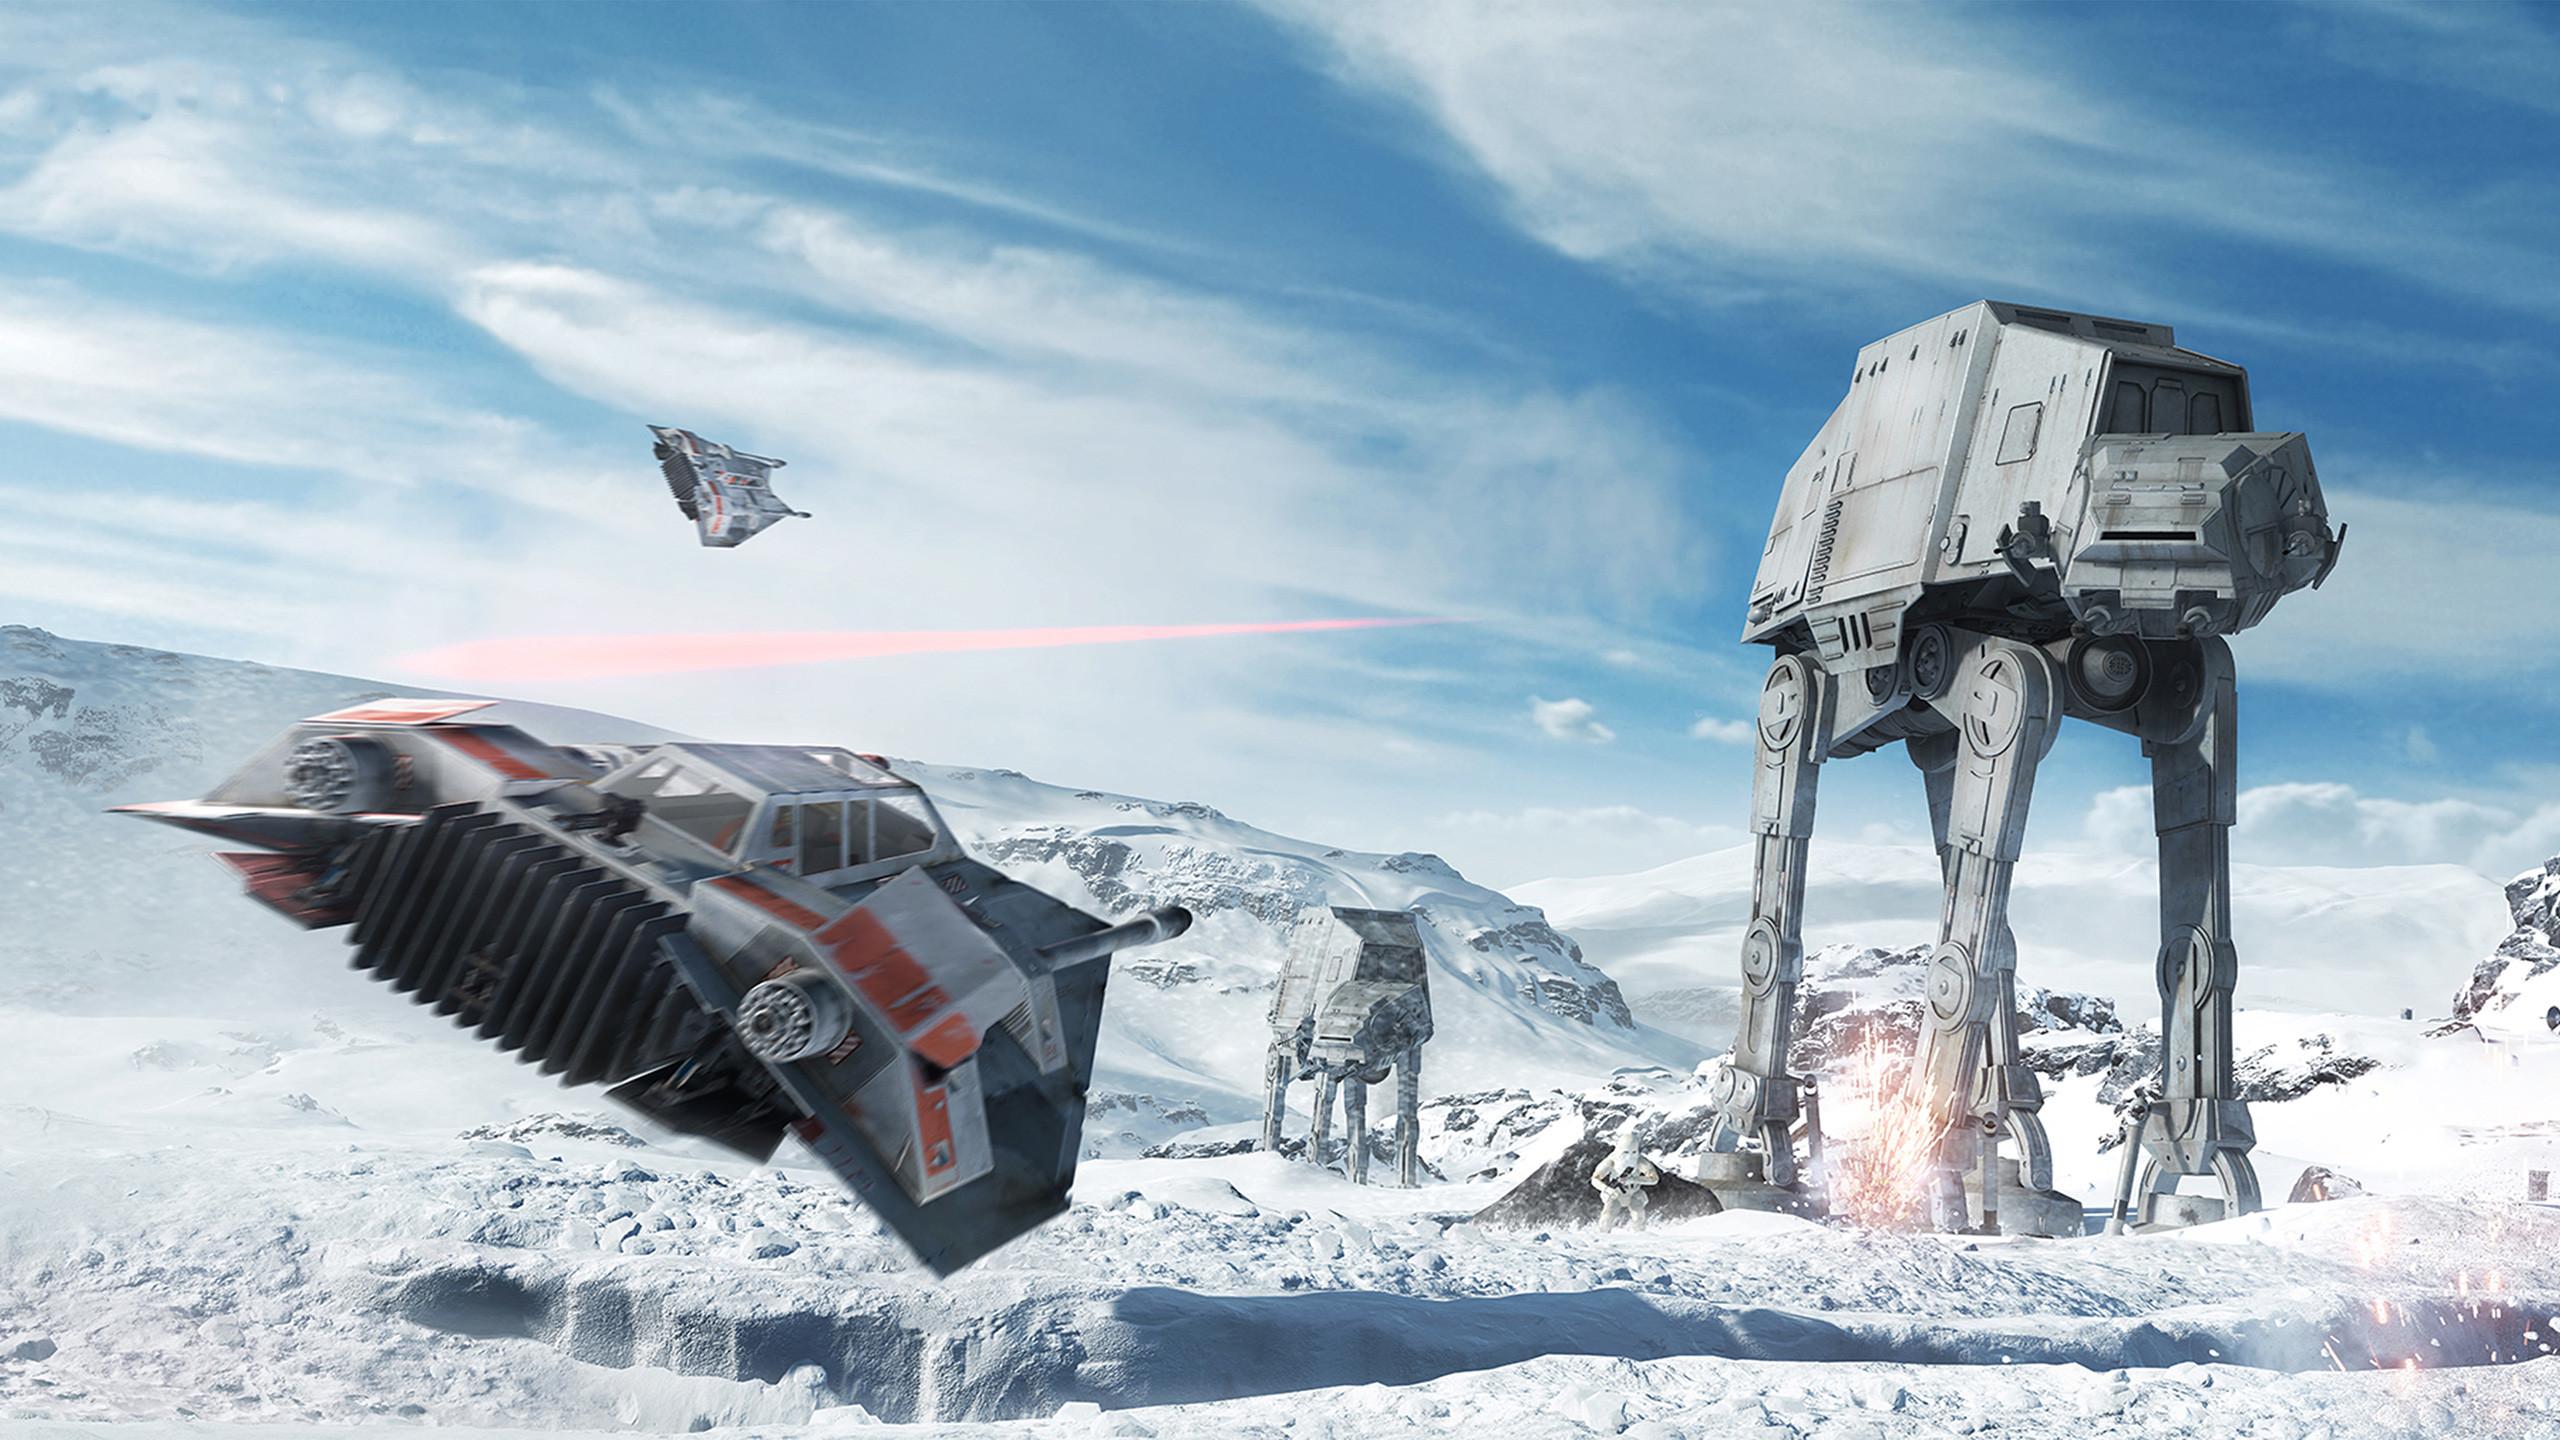 4k Wallpaper Star Wars 56 Images